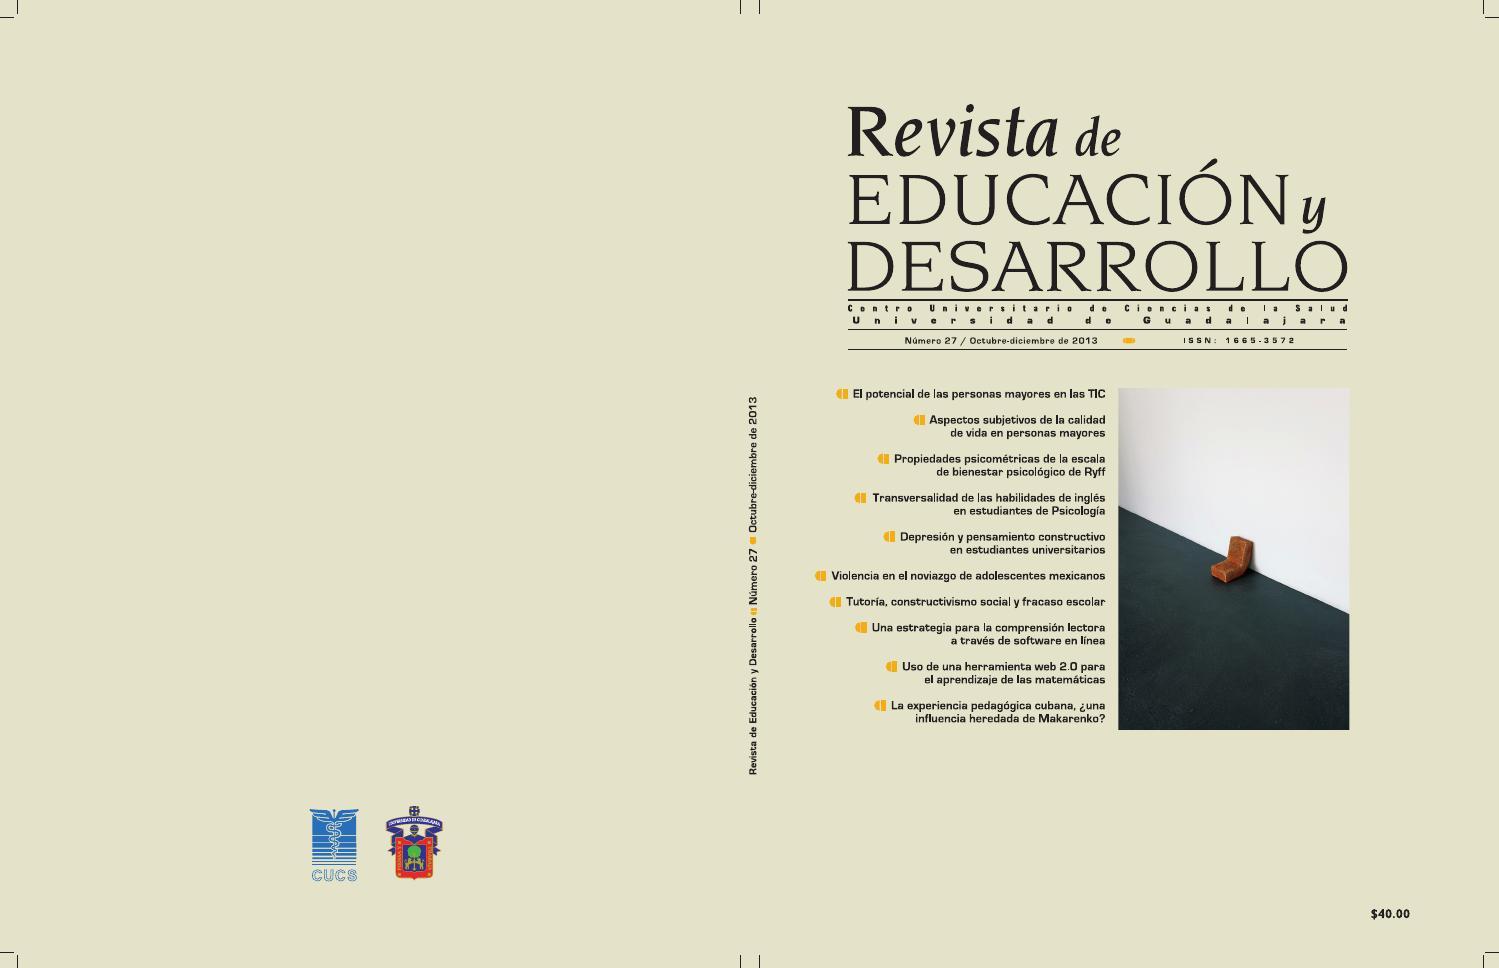 Educacion en mexico by Pether Cullen - issuu